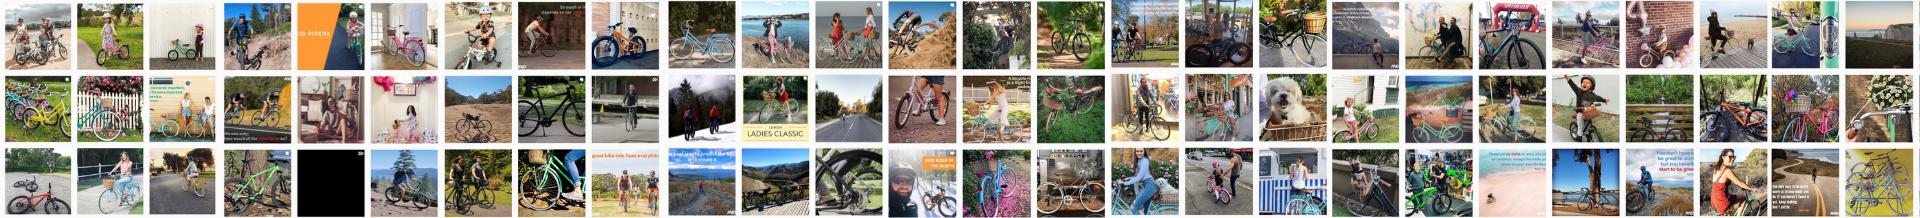 Insta Header - Reid ® - Urban X Range Overview - Bike Exchange